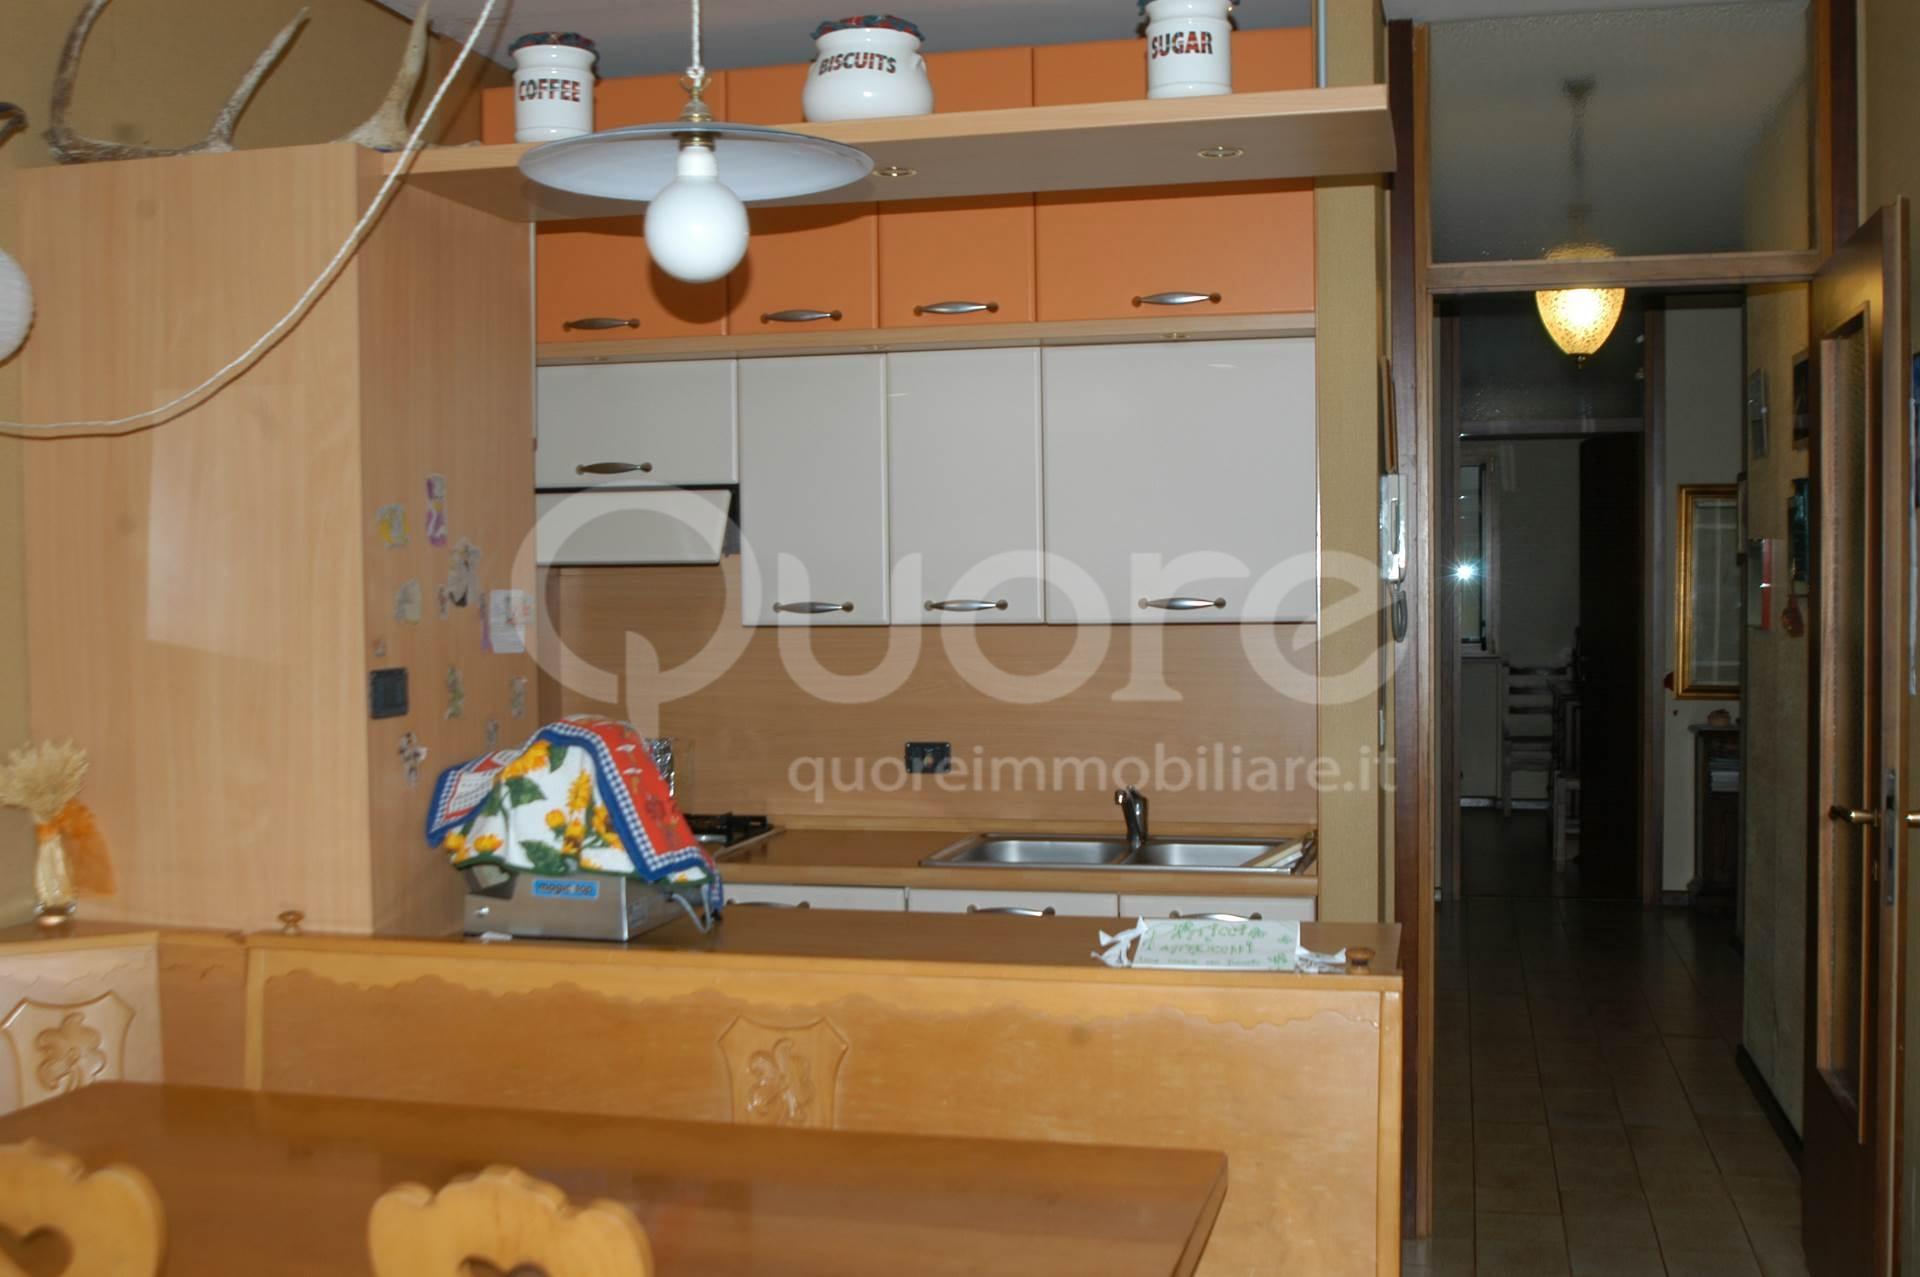 Appartamento in vendita a Chiusaforte, 4 locali, prezzo € 55.000 | CambioCasa.it